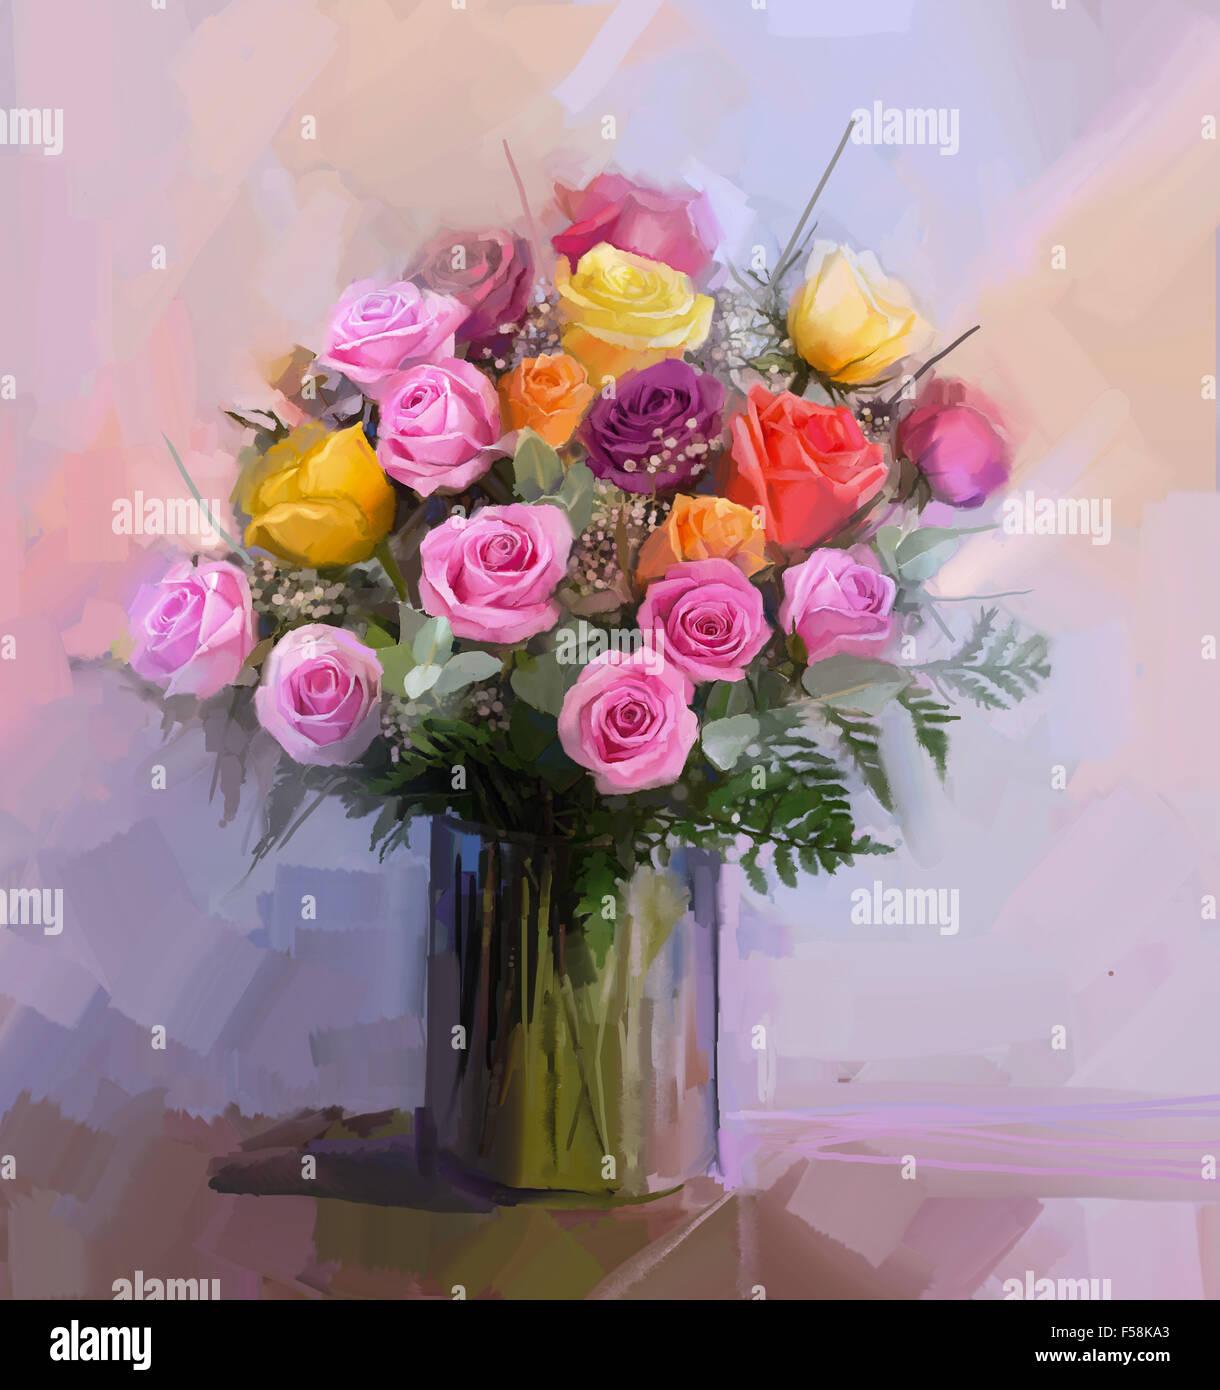 La Vie Toujours Un Bouquet De Fleurs Peinture A L Huile Fleurs Rose